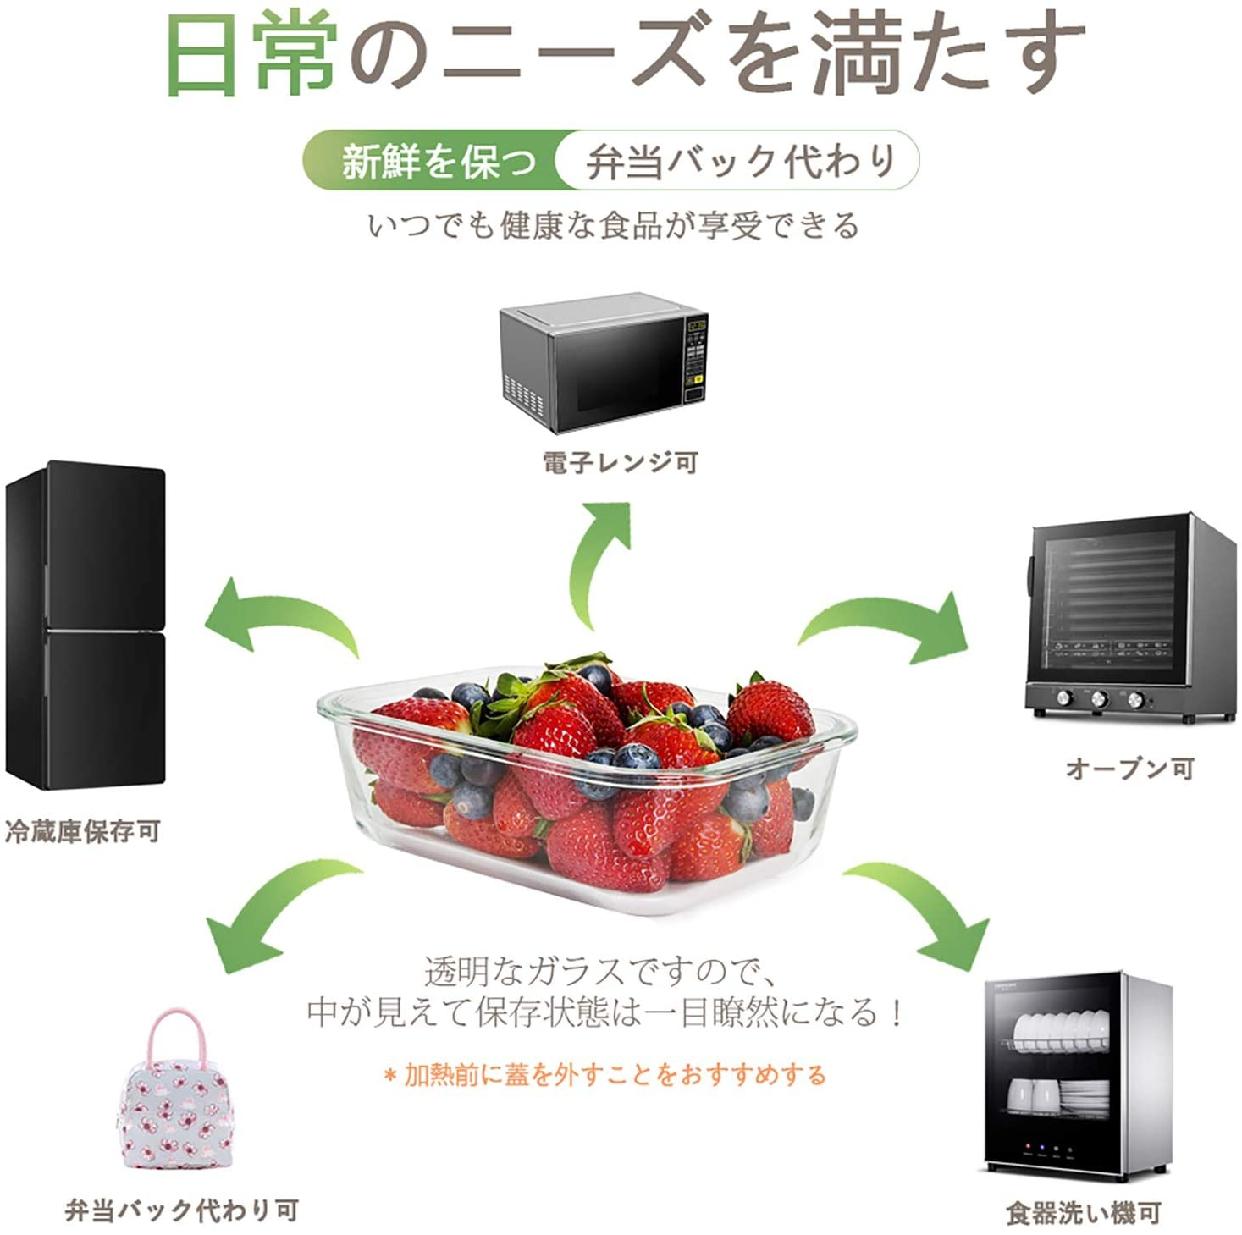 Kitsure(キッツシュア) 耐熱ガラス 保存容器 8点セットの商品画像4